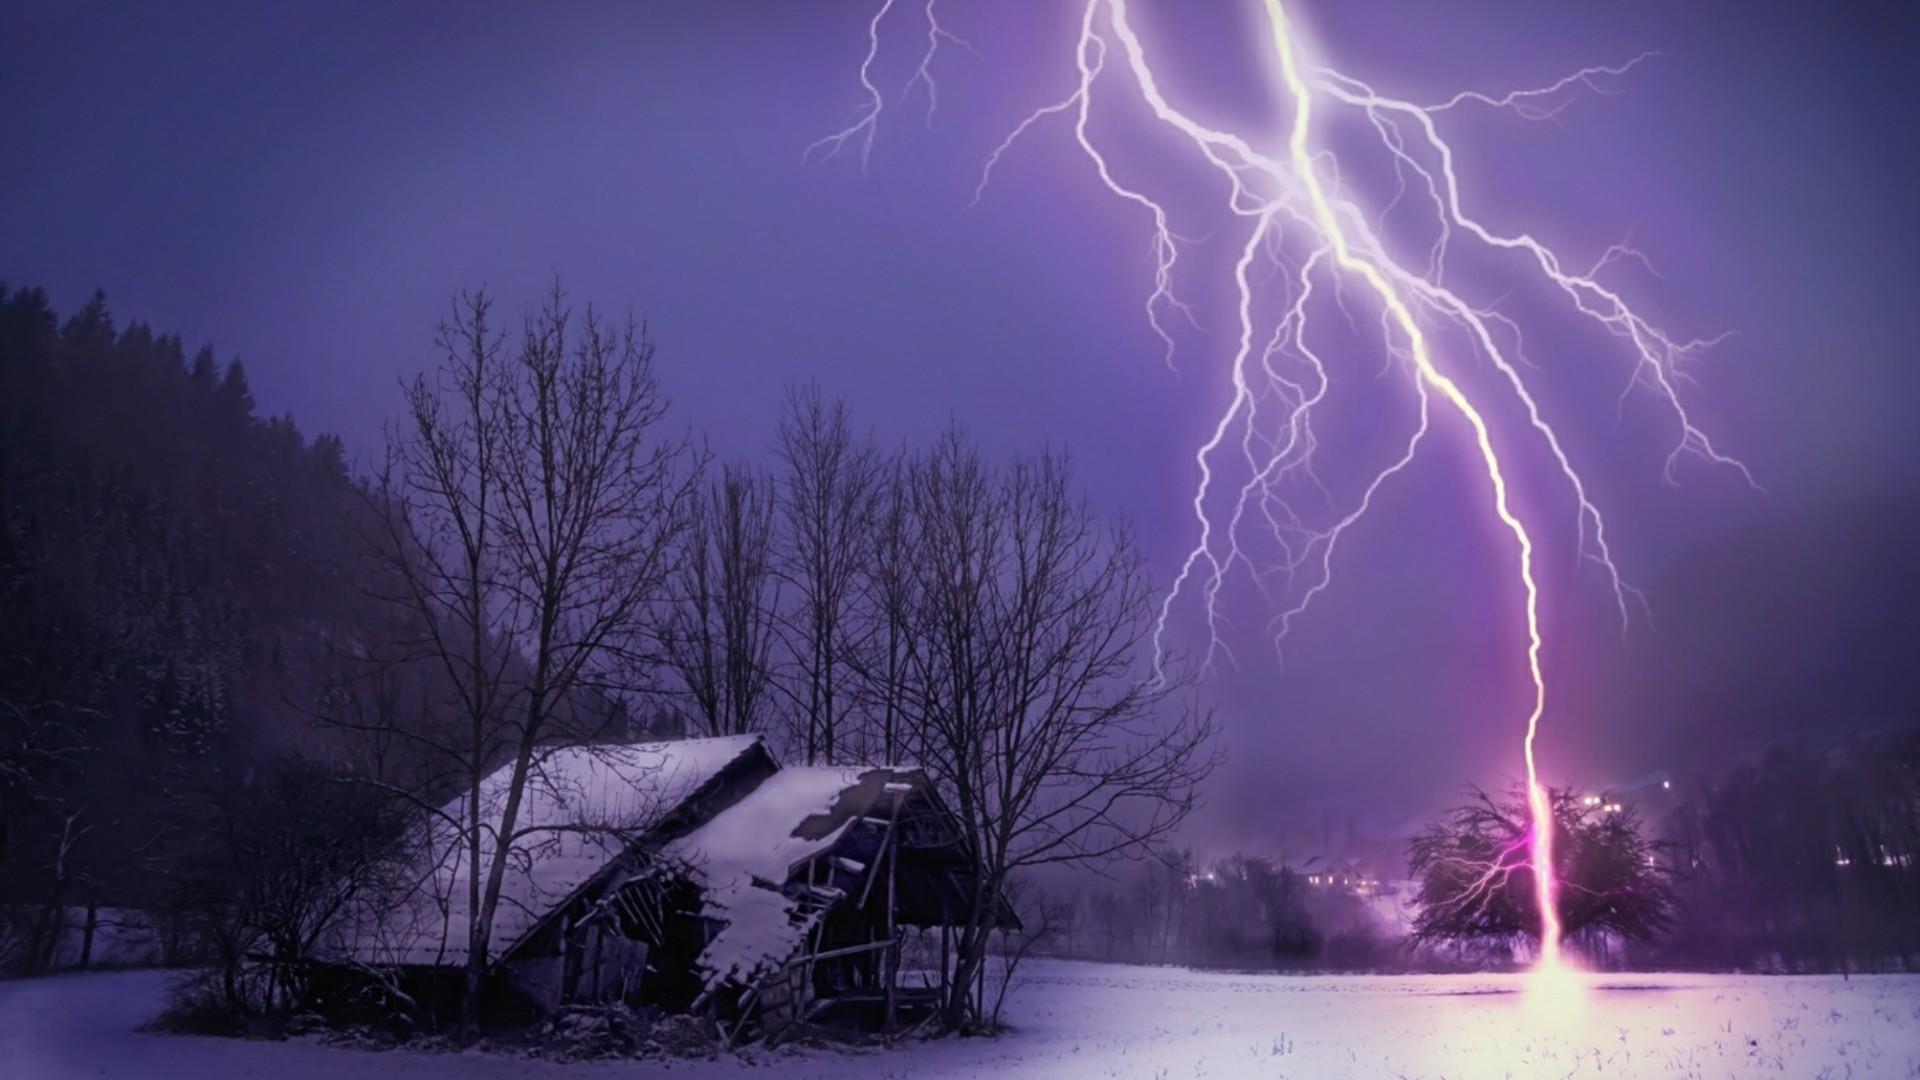 Lightning strike wallpaper wallpapertag - Lighting strike wallpaper ...